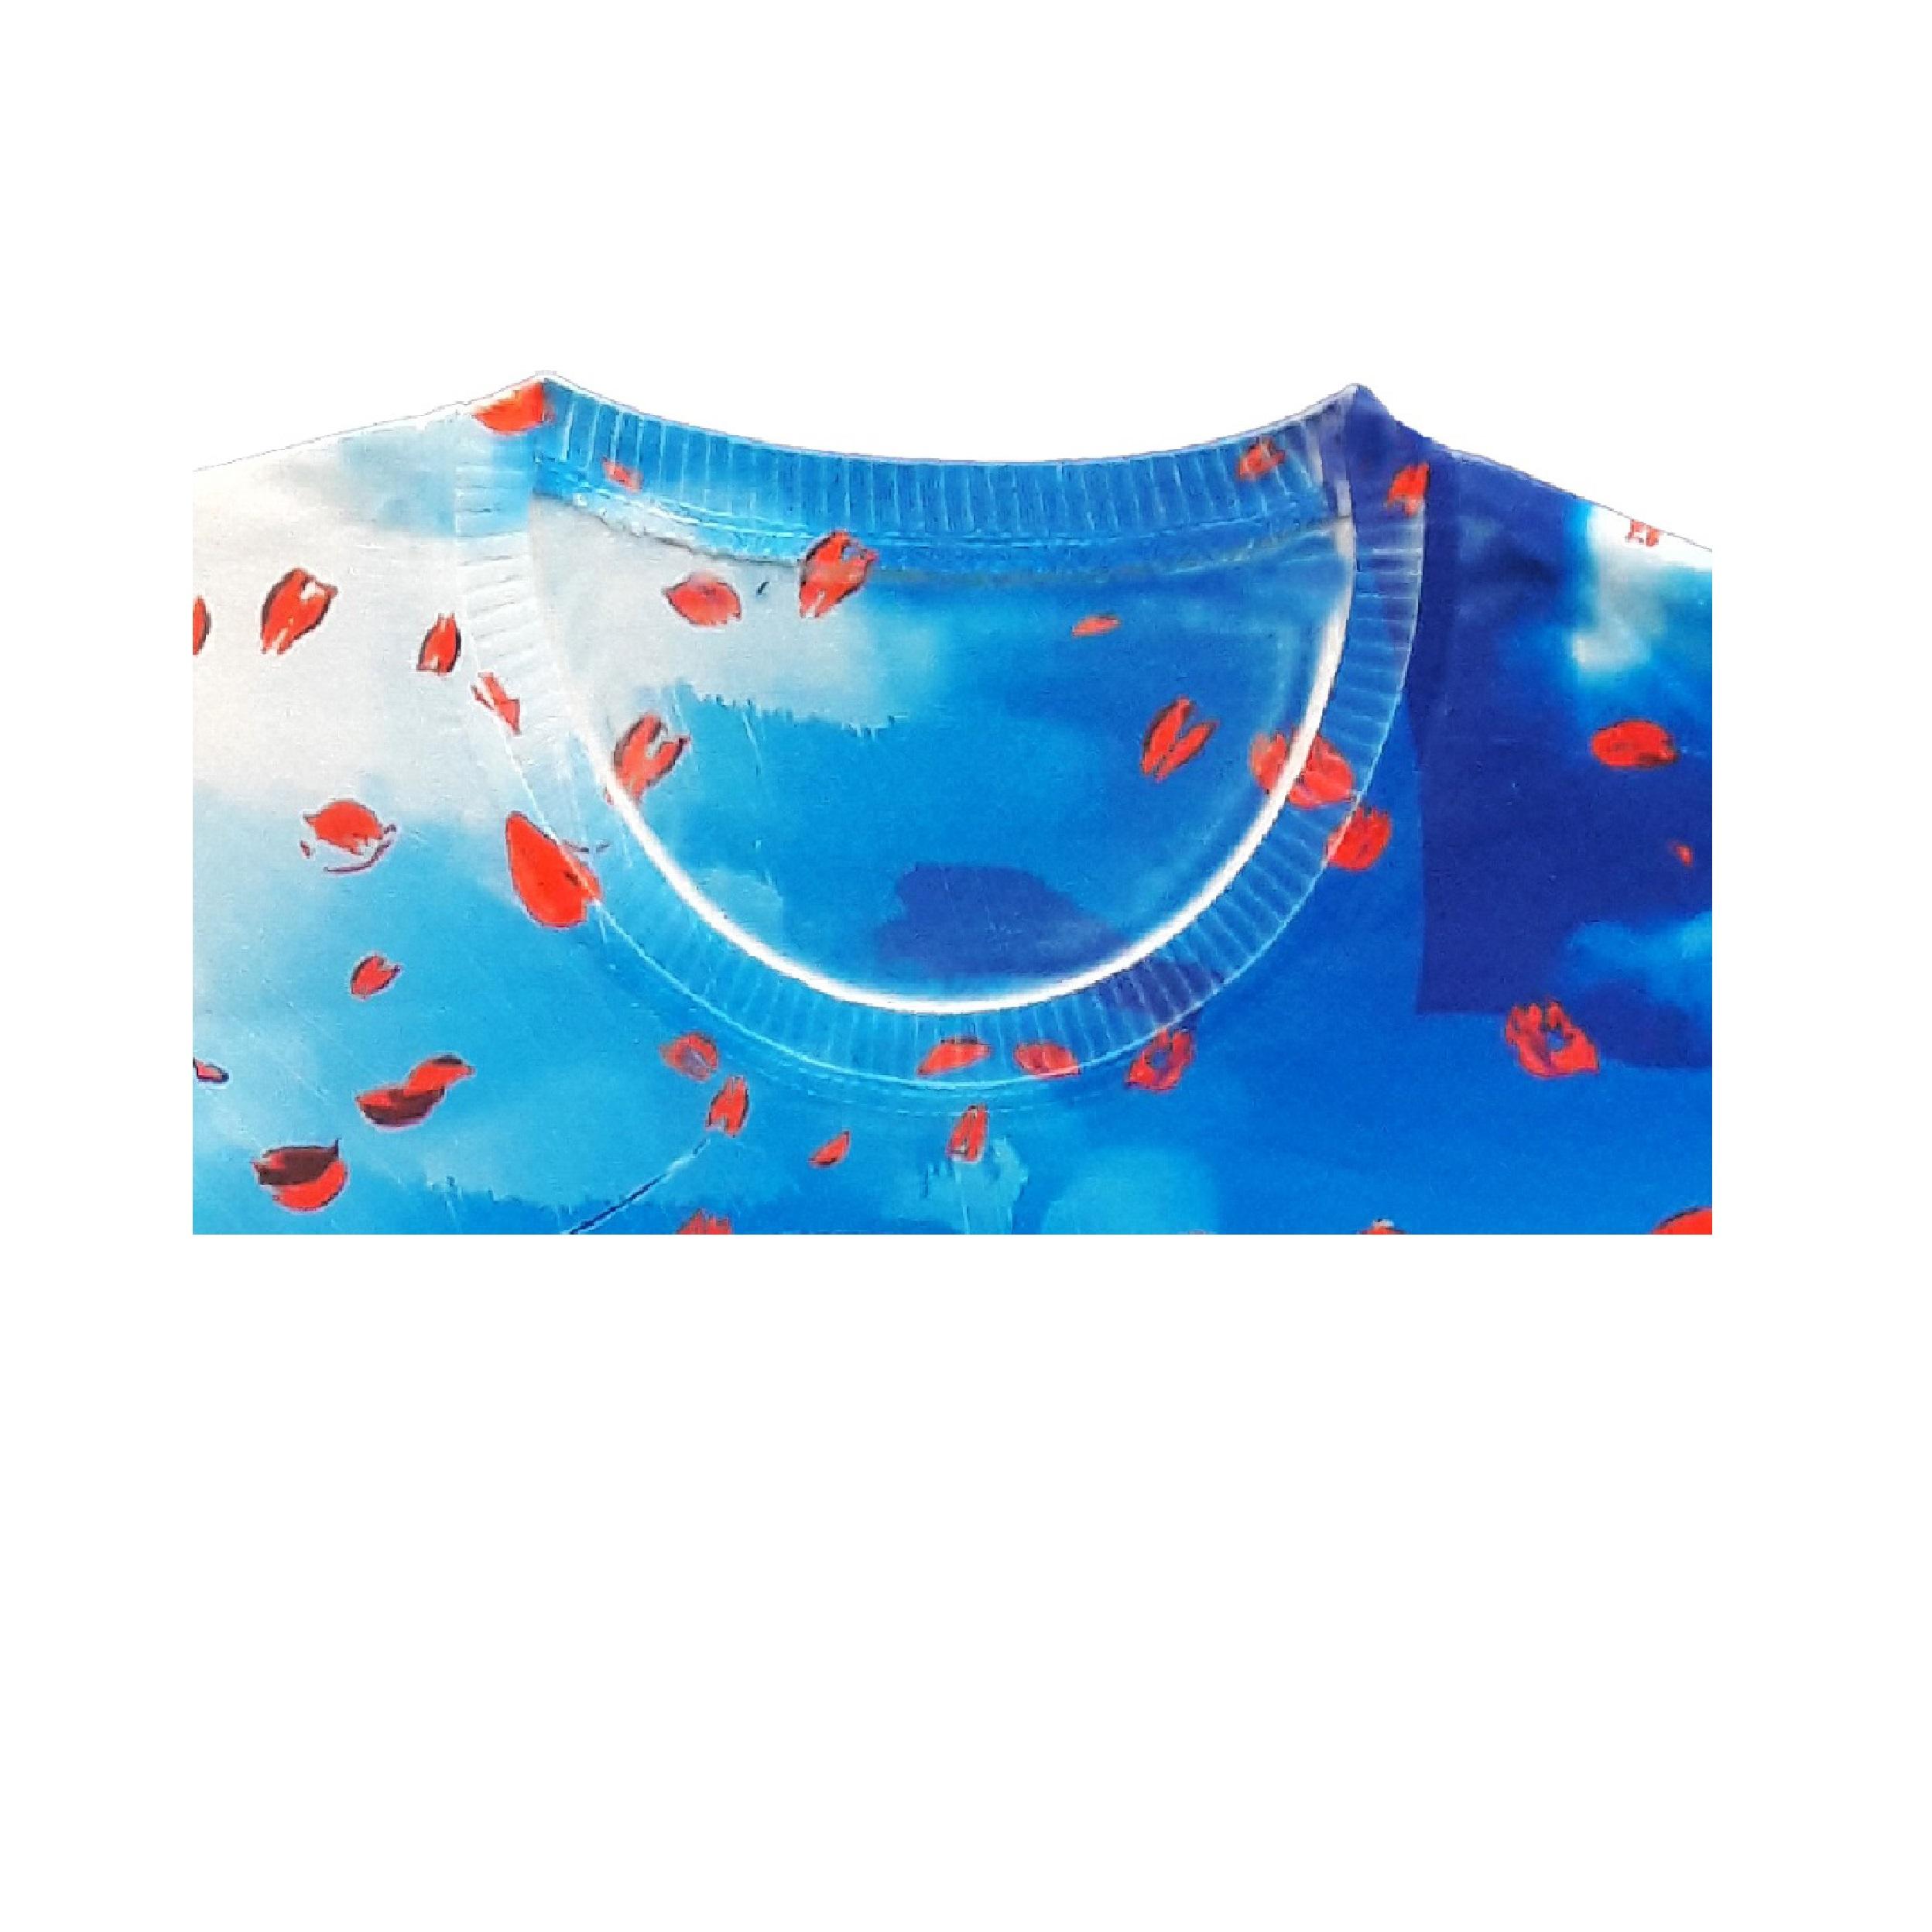 خرید                                     تی شرت دخترانه مدل دختر کفشدوزکی کد D DZK325